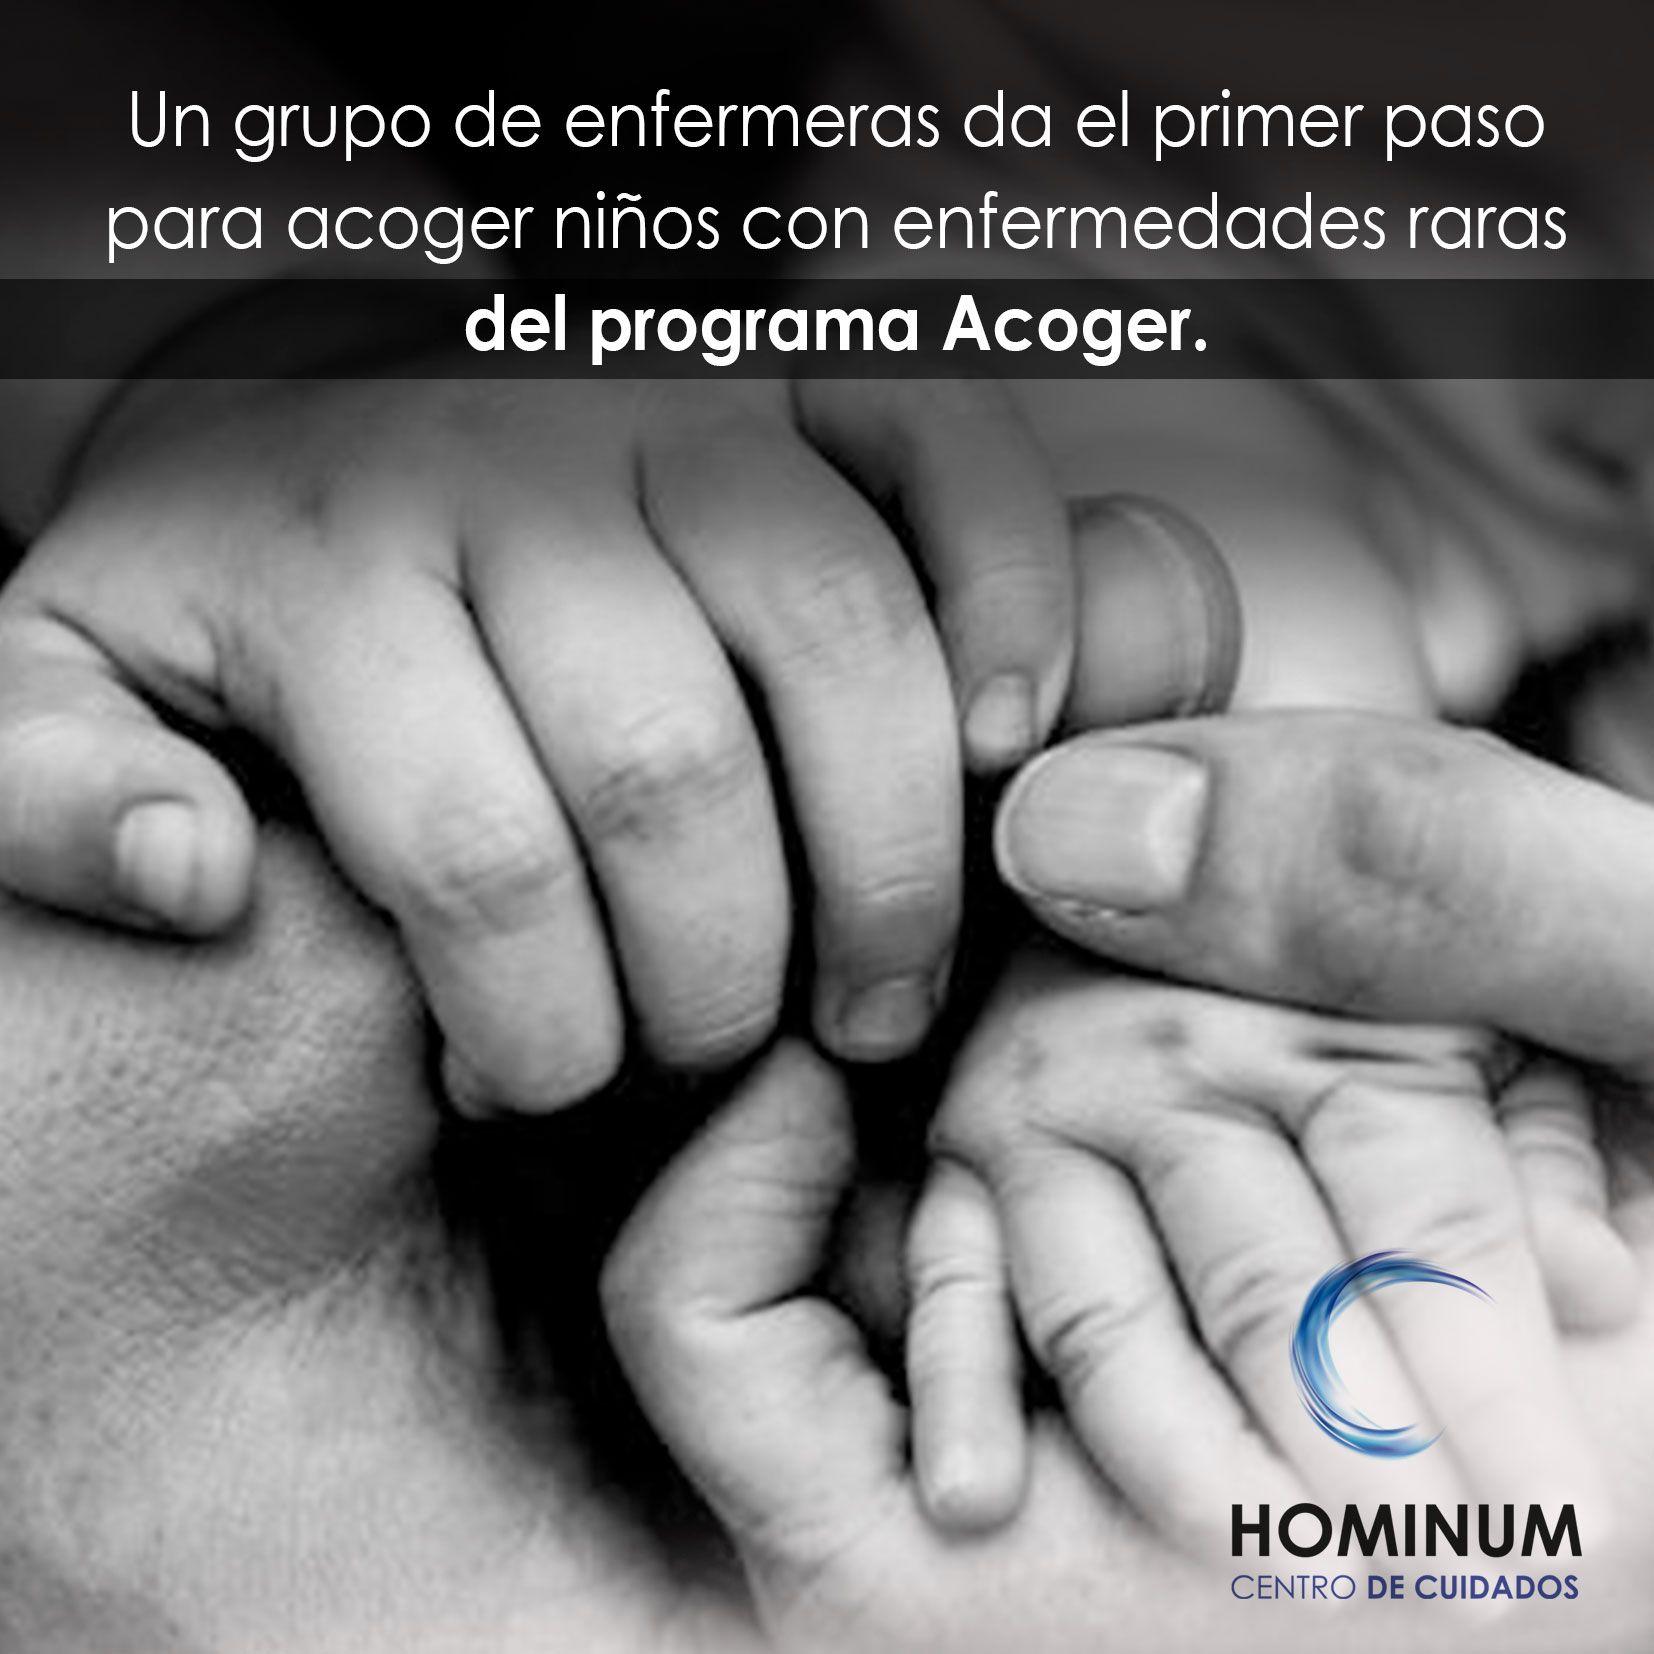 Un grupo de enfermeras da el primer paso para acoger niños con enfermedades raras del programa Acoger